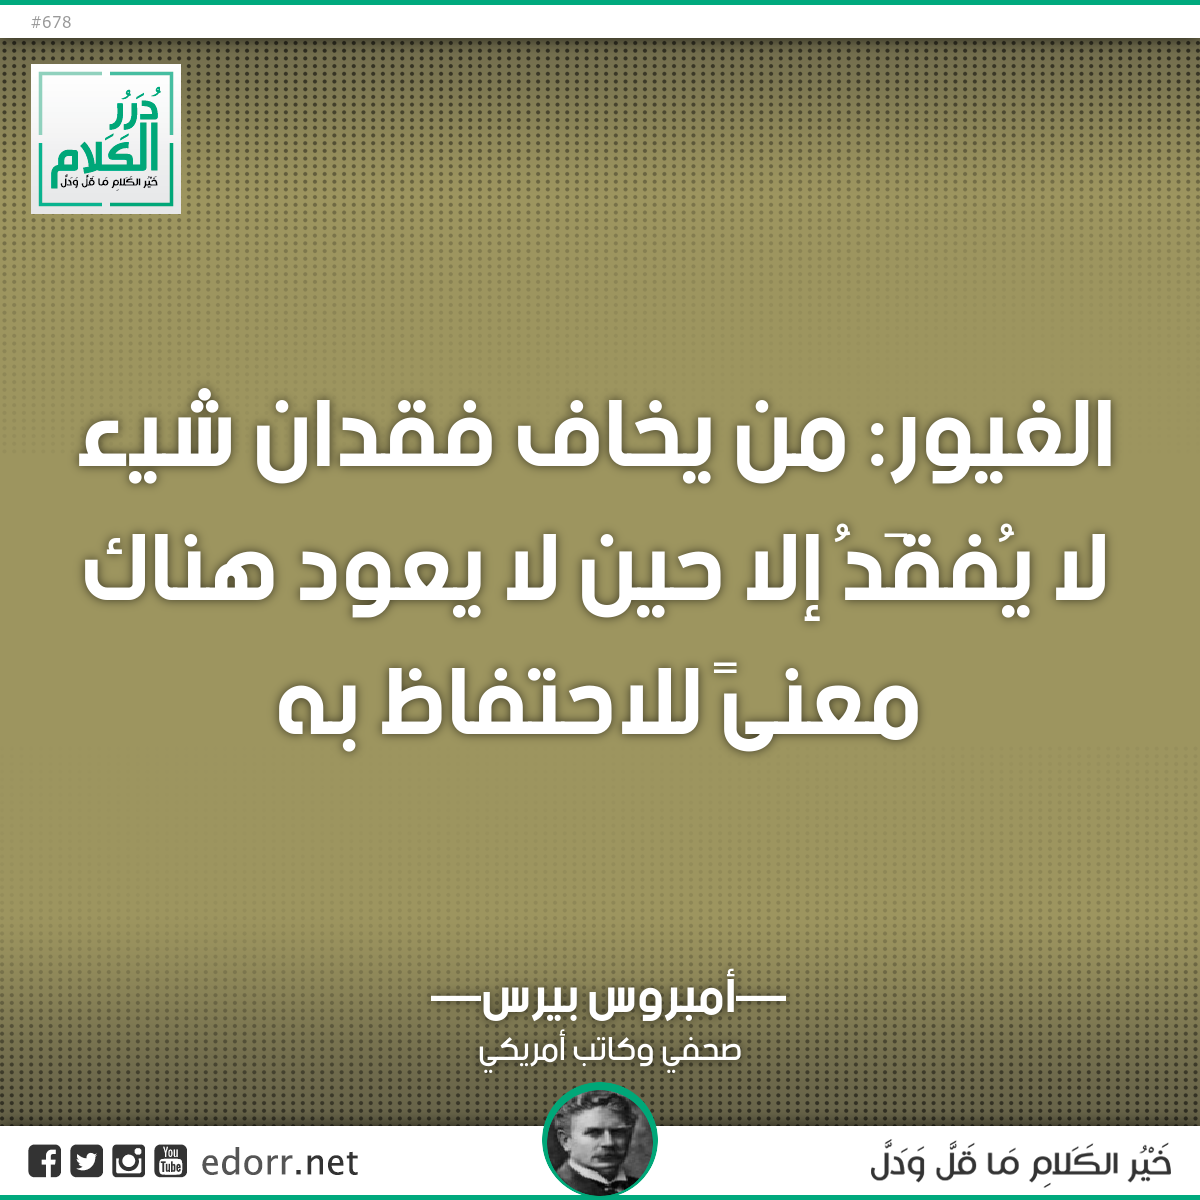 الغيور: من يخاف فقدان شيء لا يُفقَدُ إلا حين لا يعود هناك معنىً للاحتفاظ به.